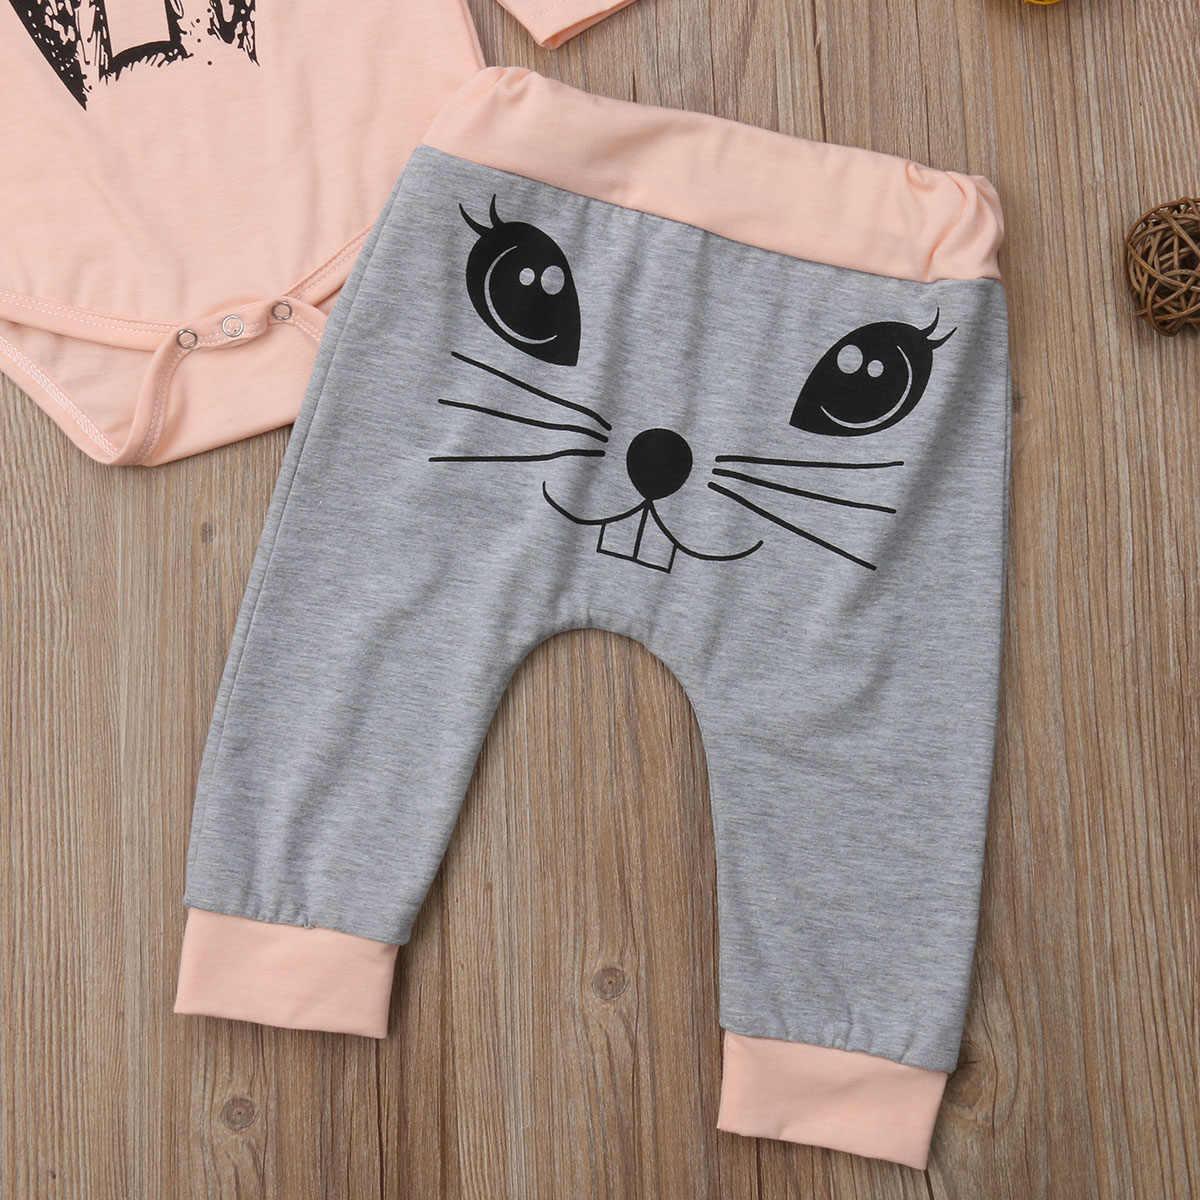 Одежда с кроликами для новорожденных девочек, комплект осенней одежды с рисунком, розовый комбинезон с длинными рукавами + серые штаны, комплект детской одежды для девочек